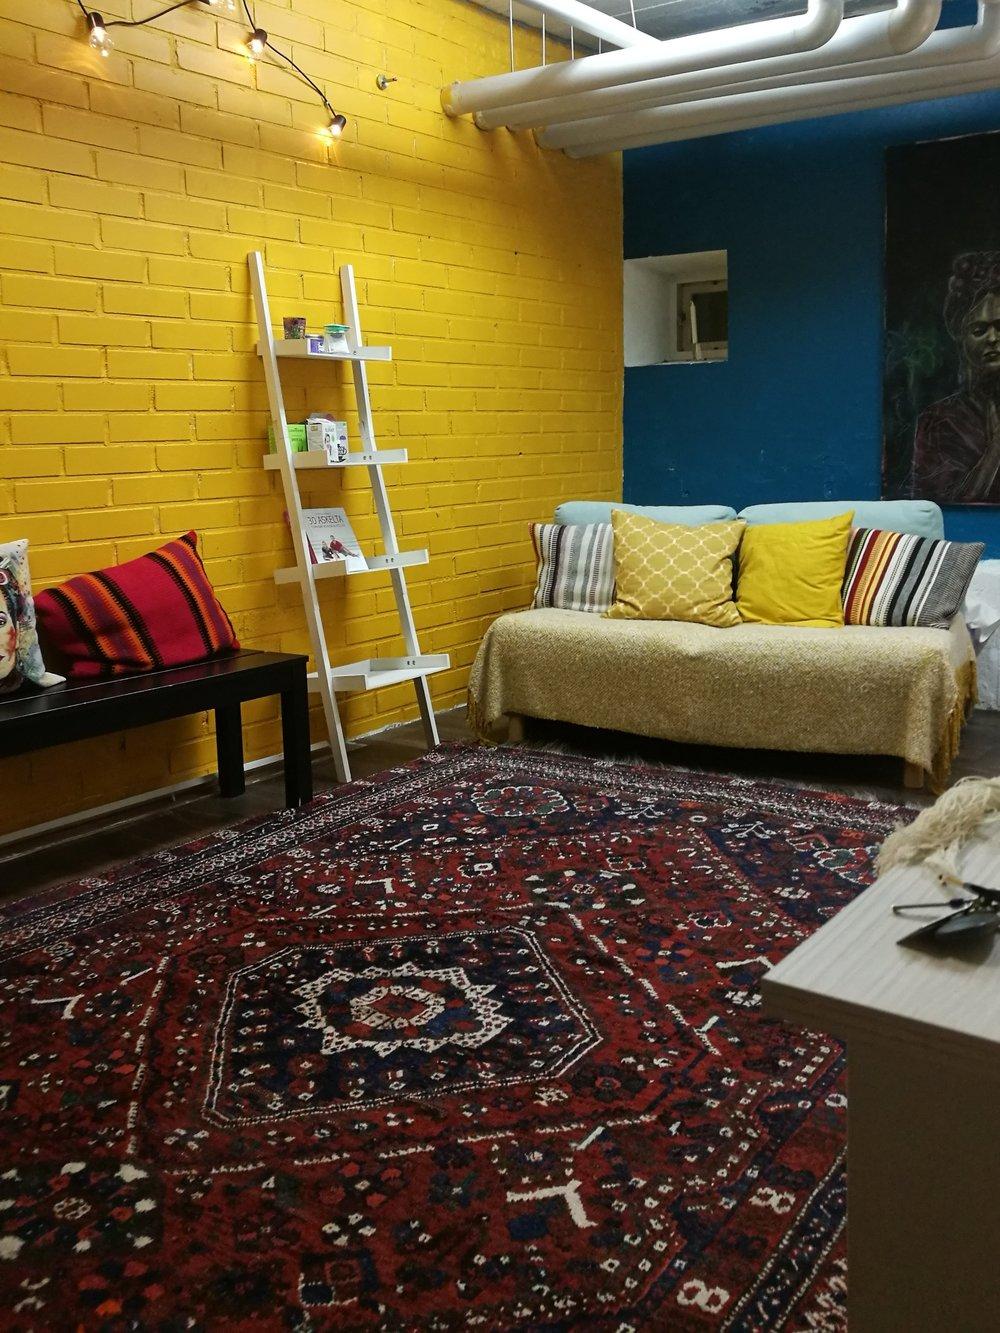 Yoga Base - Tarjoamme joogakursseja Helsingin Vallilassa. Ohjaajina toimii Kirsi Tikka & Tiina Mankki.Lue lisää➝